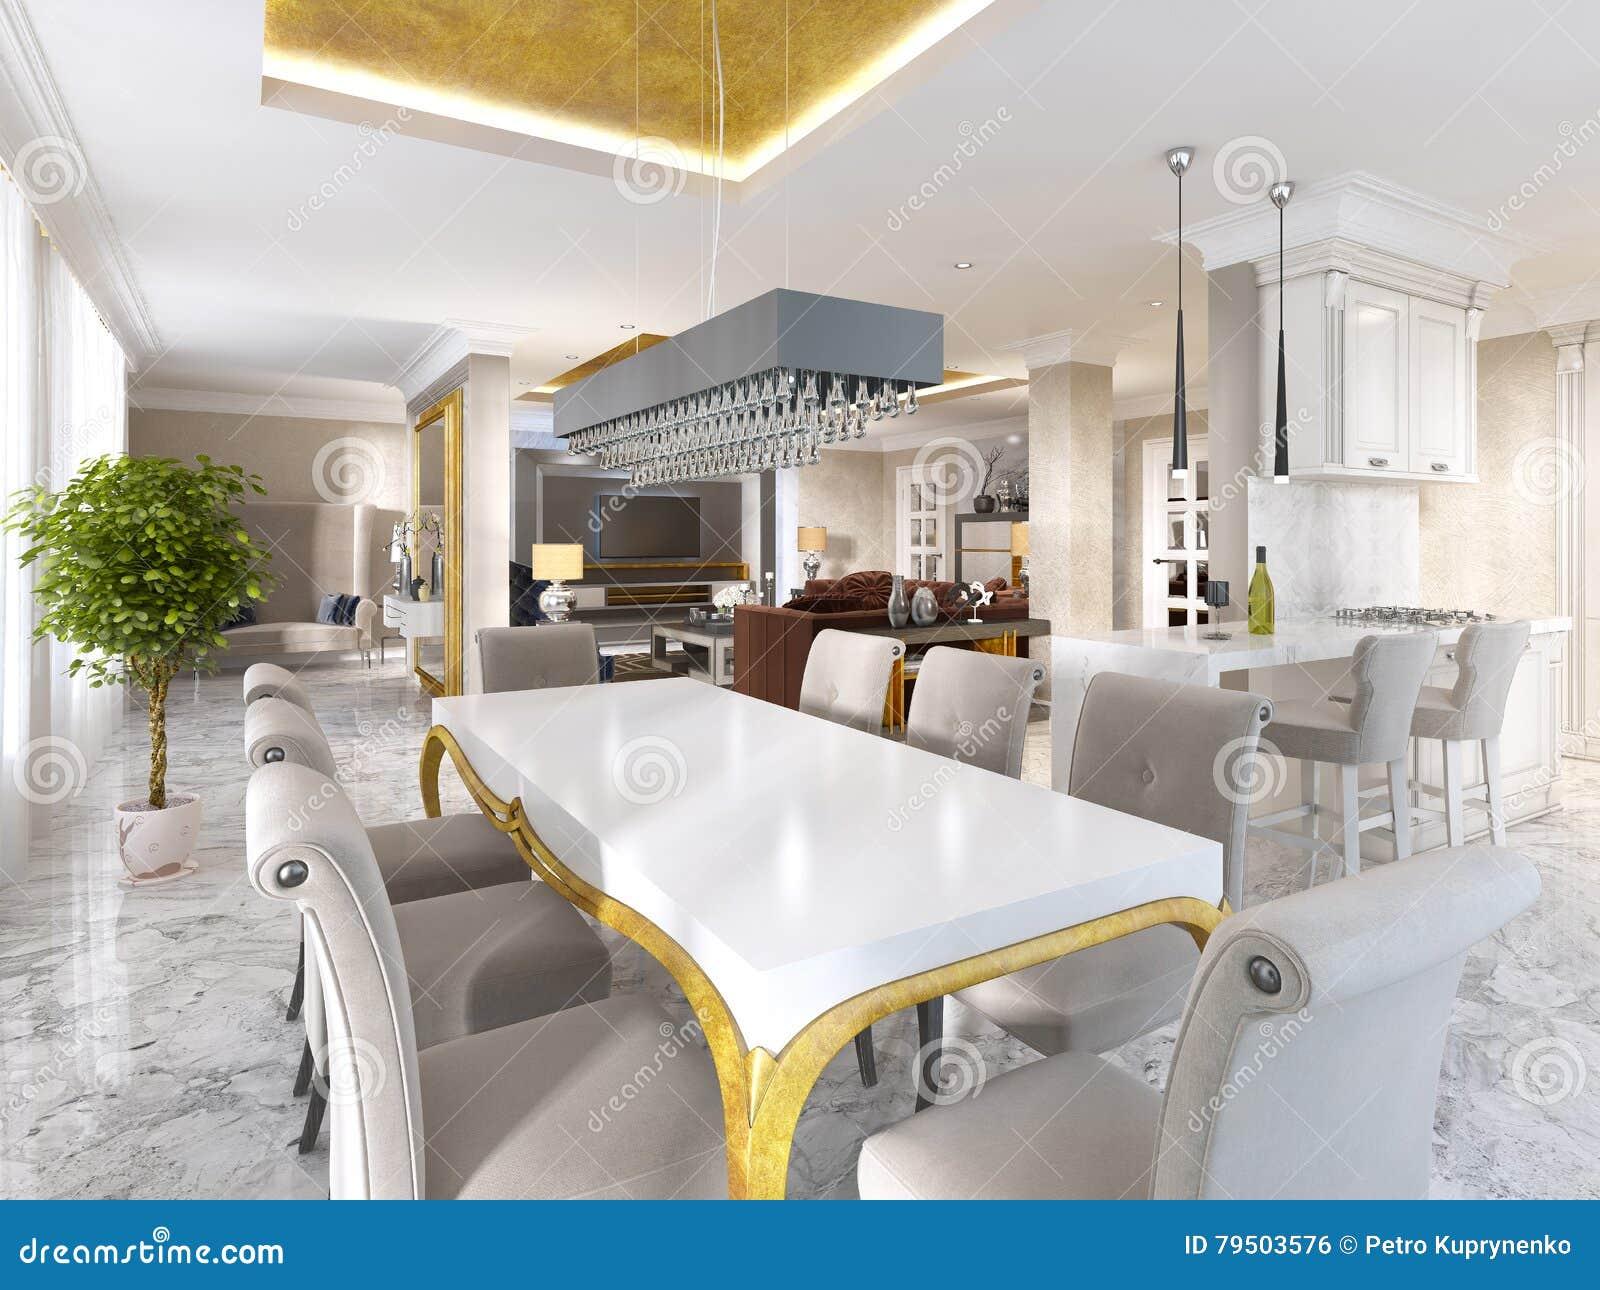 Grande Table De Salle à Manger Pour Huit Dans Le Style De L ...